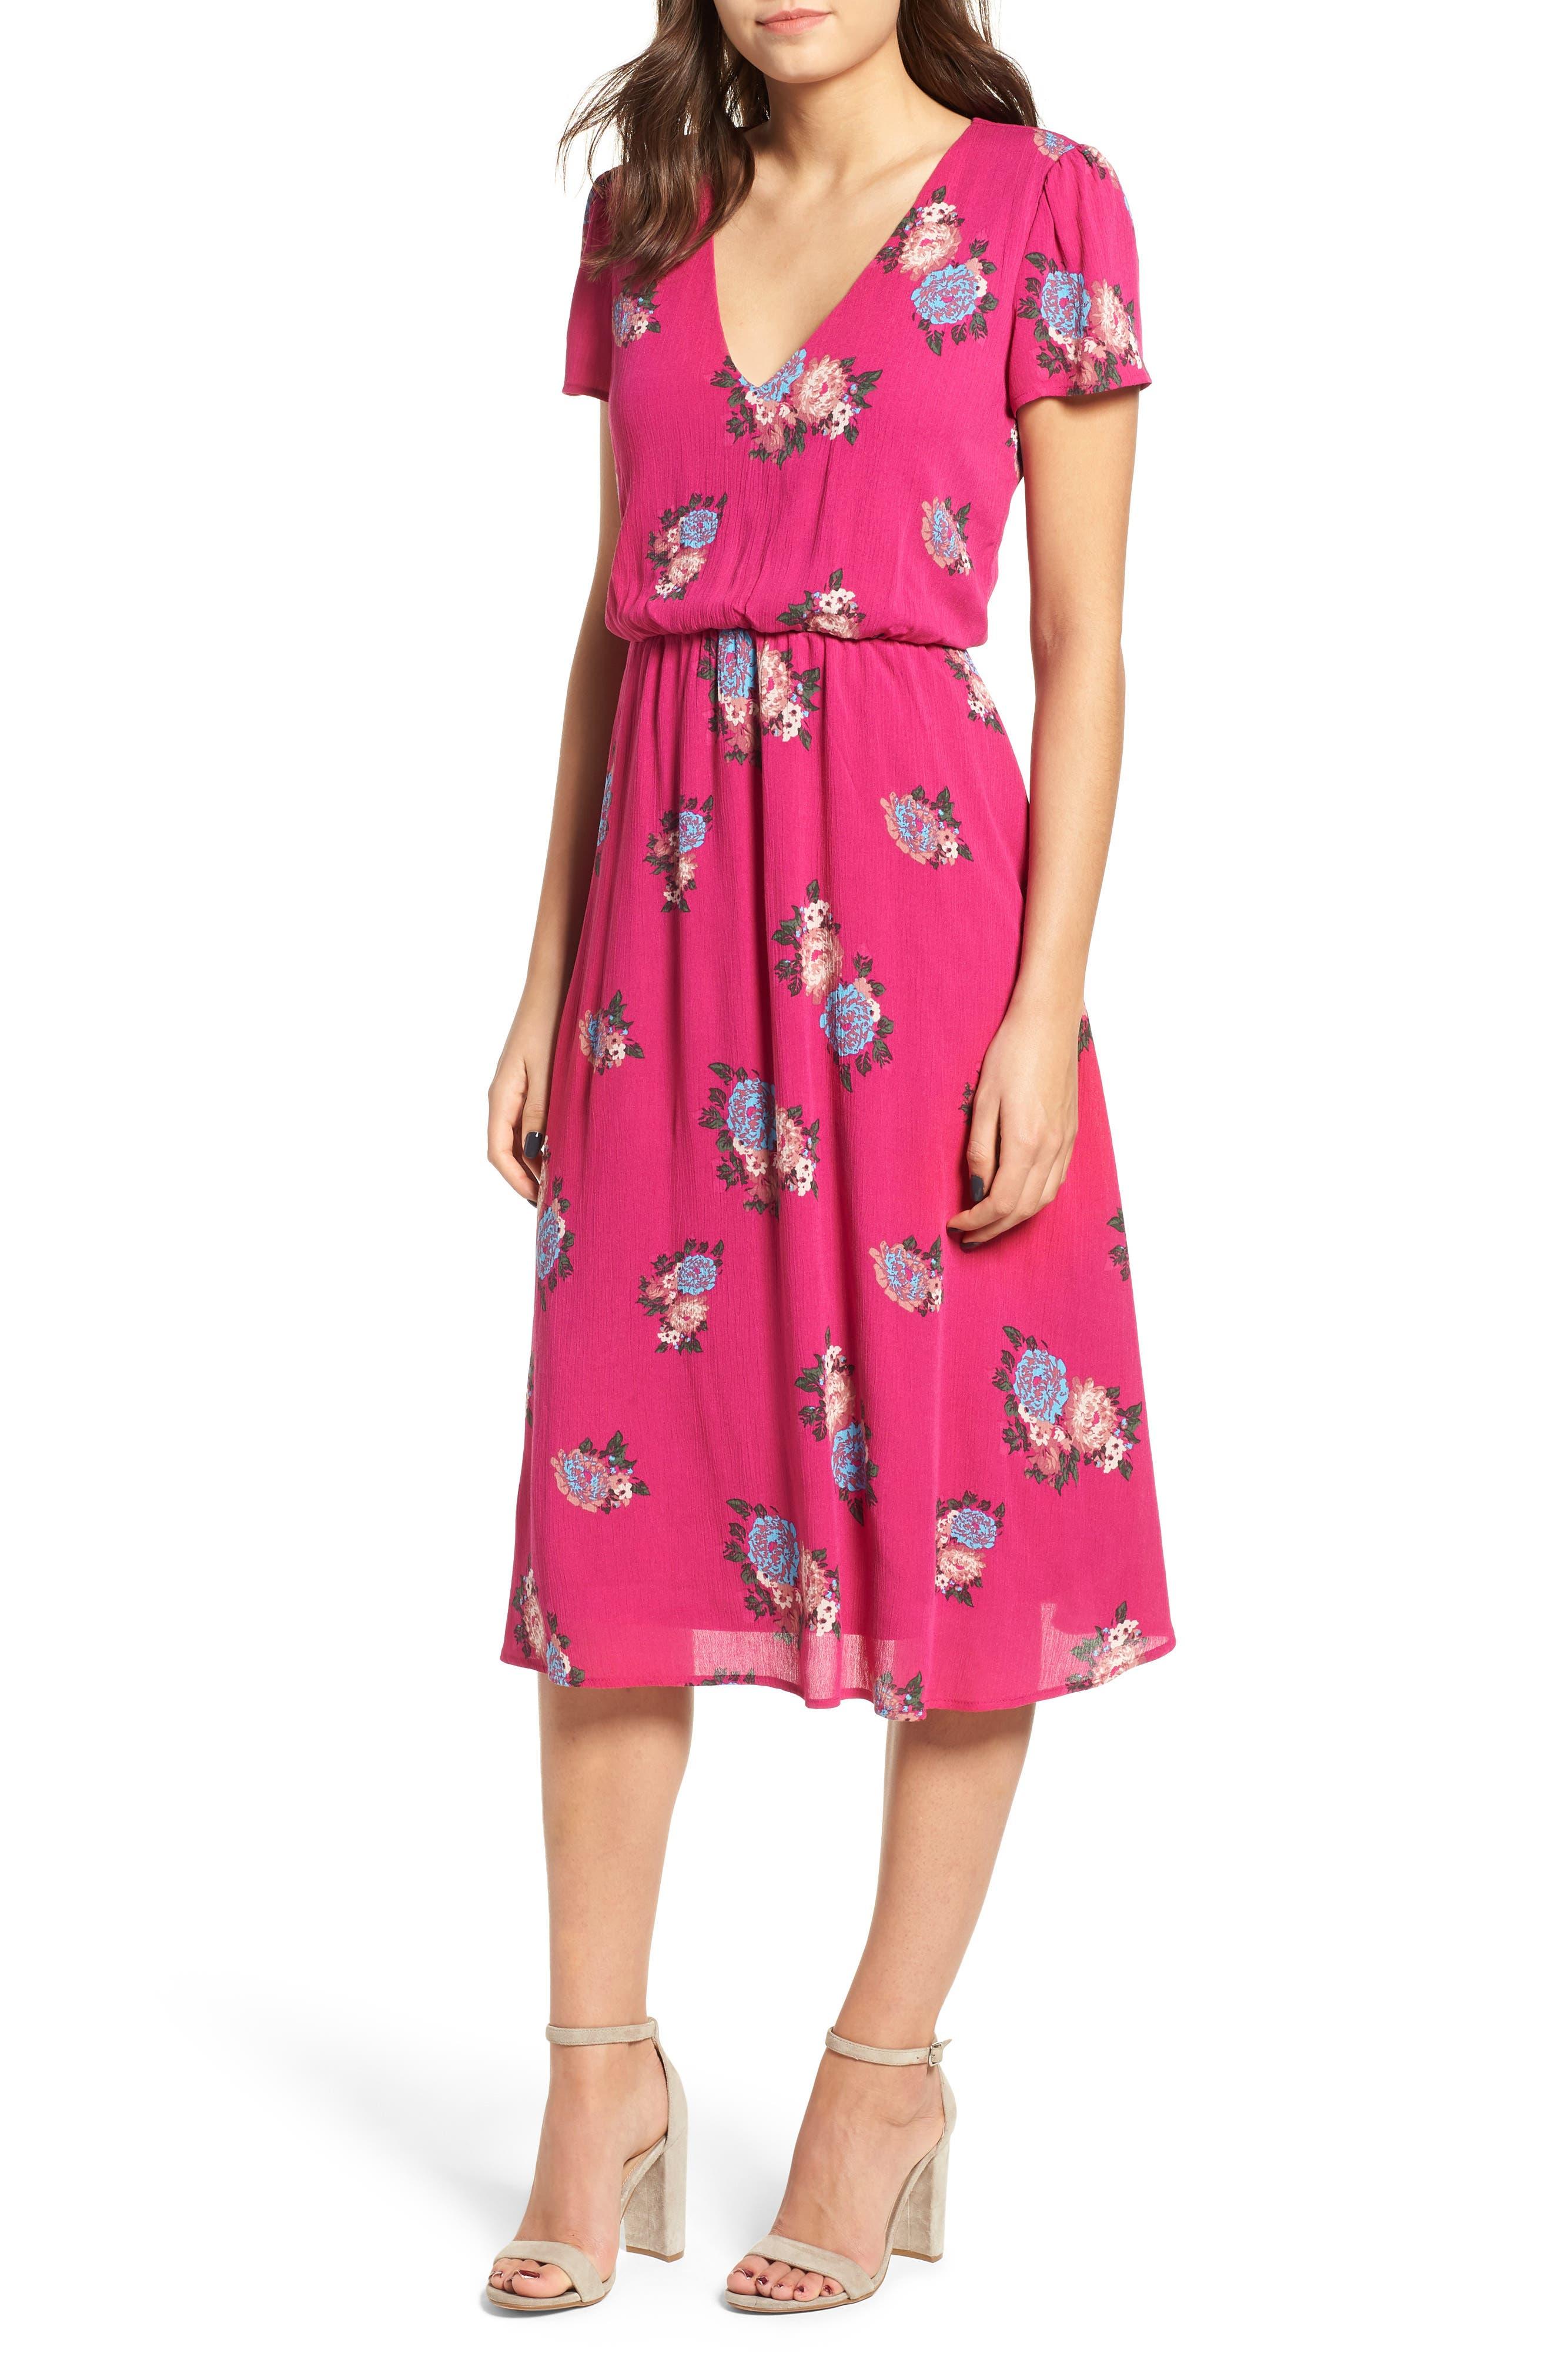 Blouson Midi Dress,                         Main,                         color, Pink Berry Floral